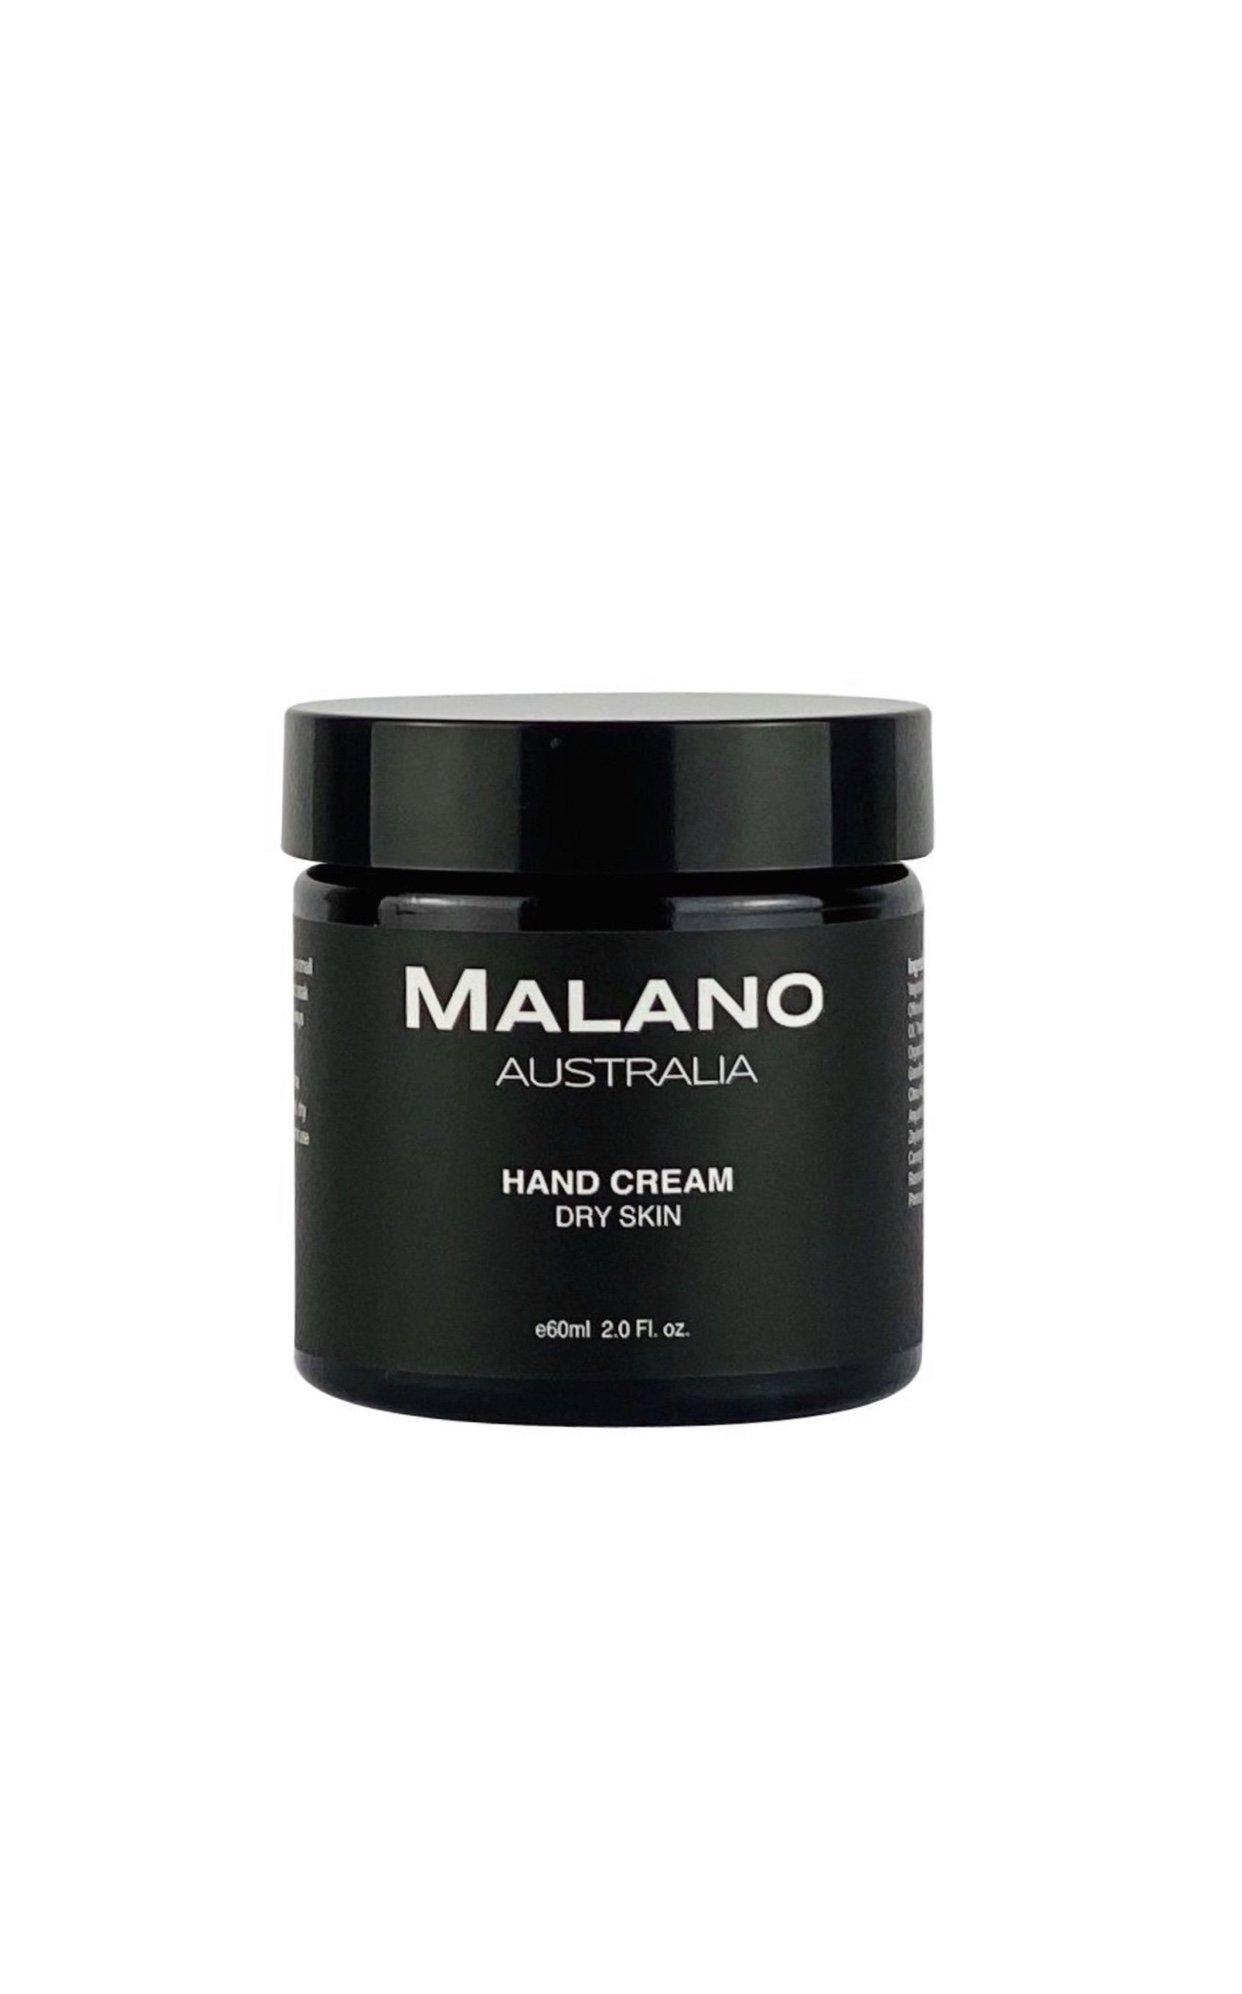 Hand Cream Dry Skin